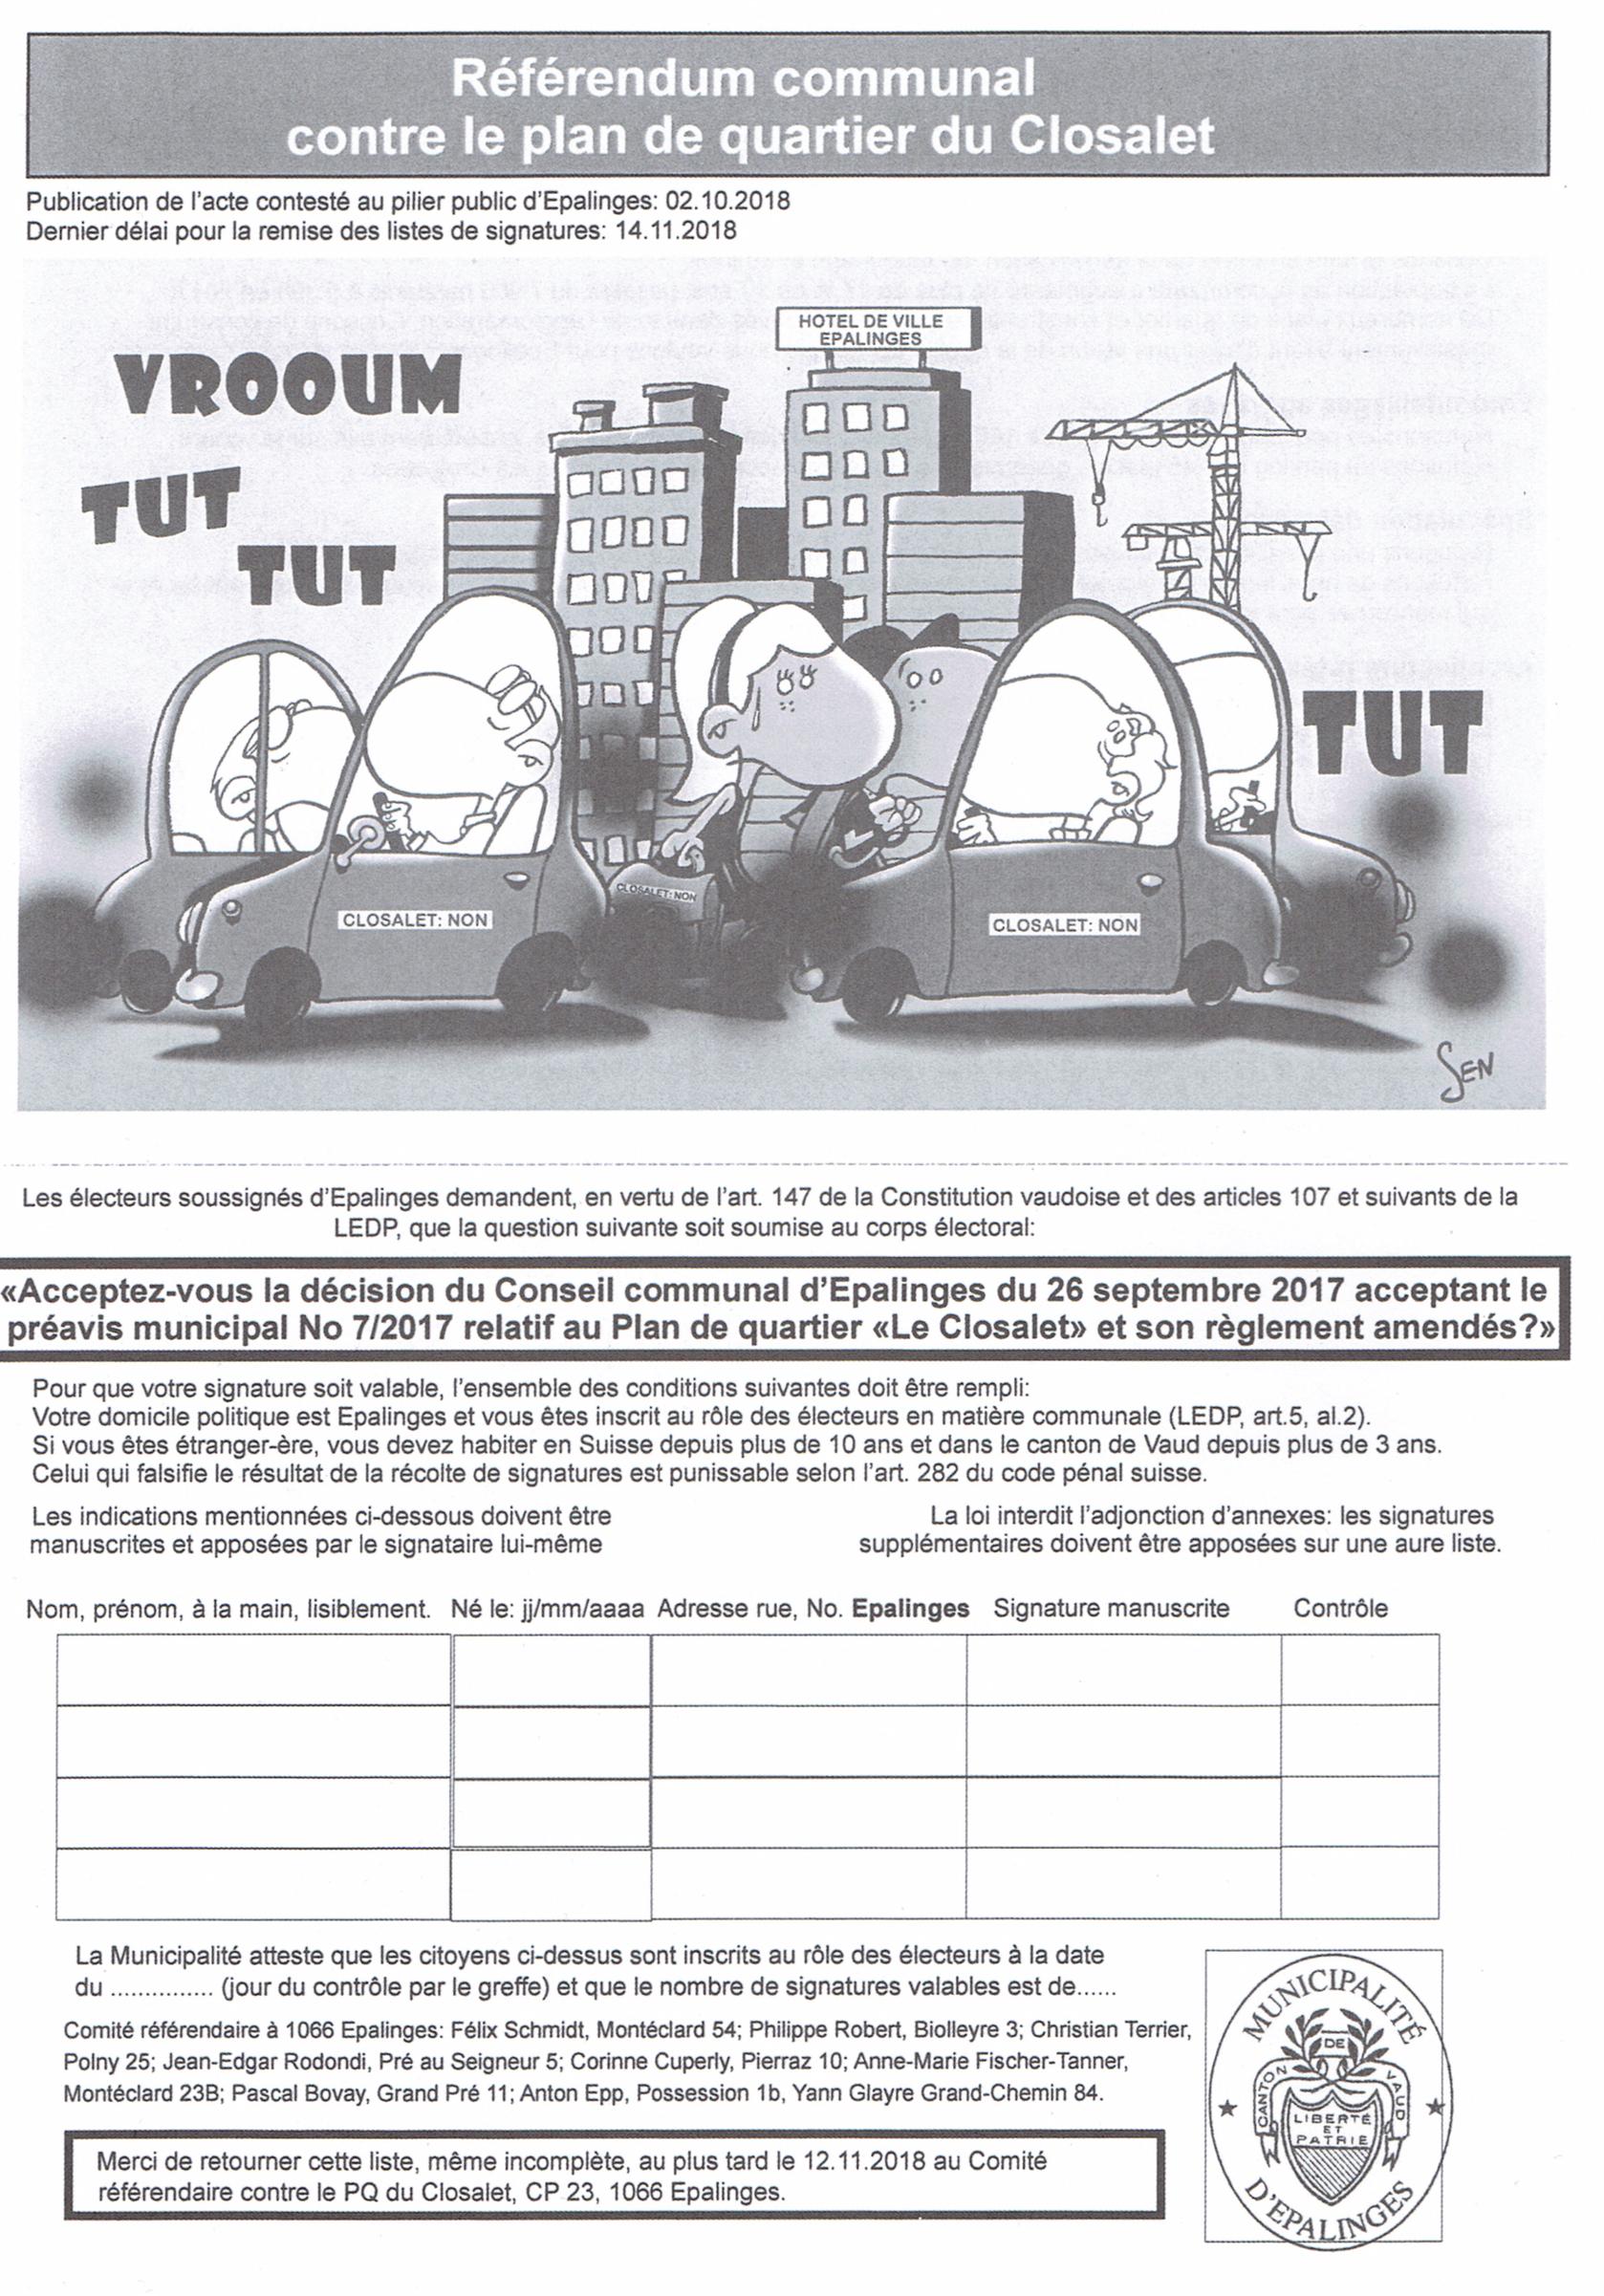 Référendum communal contre le plan de quartier du Closalet